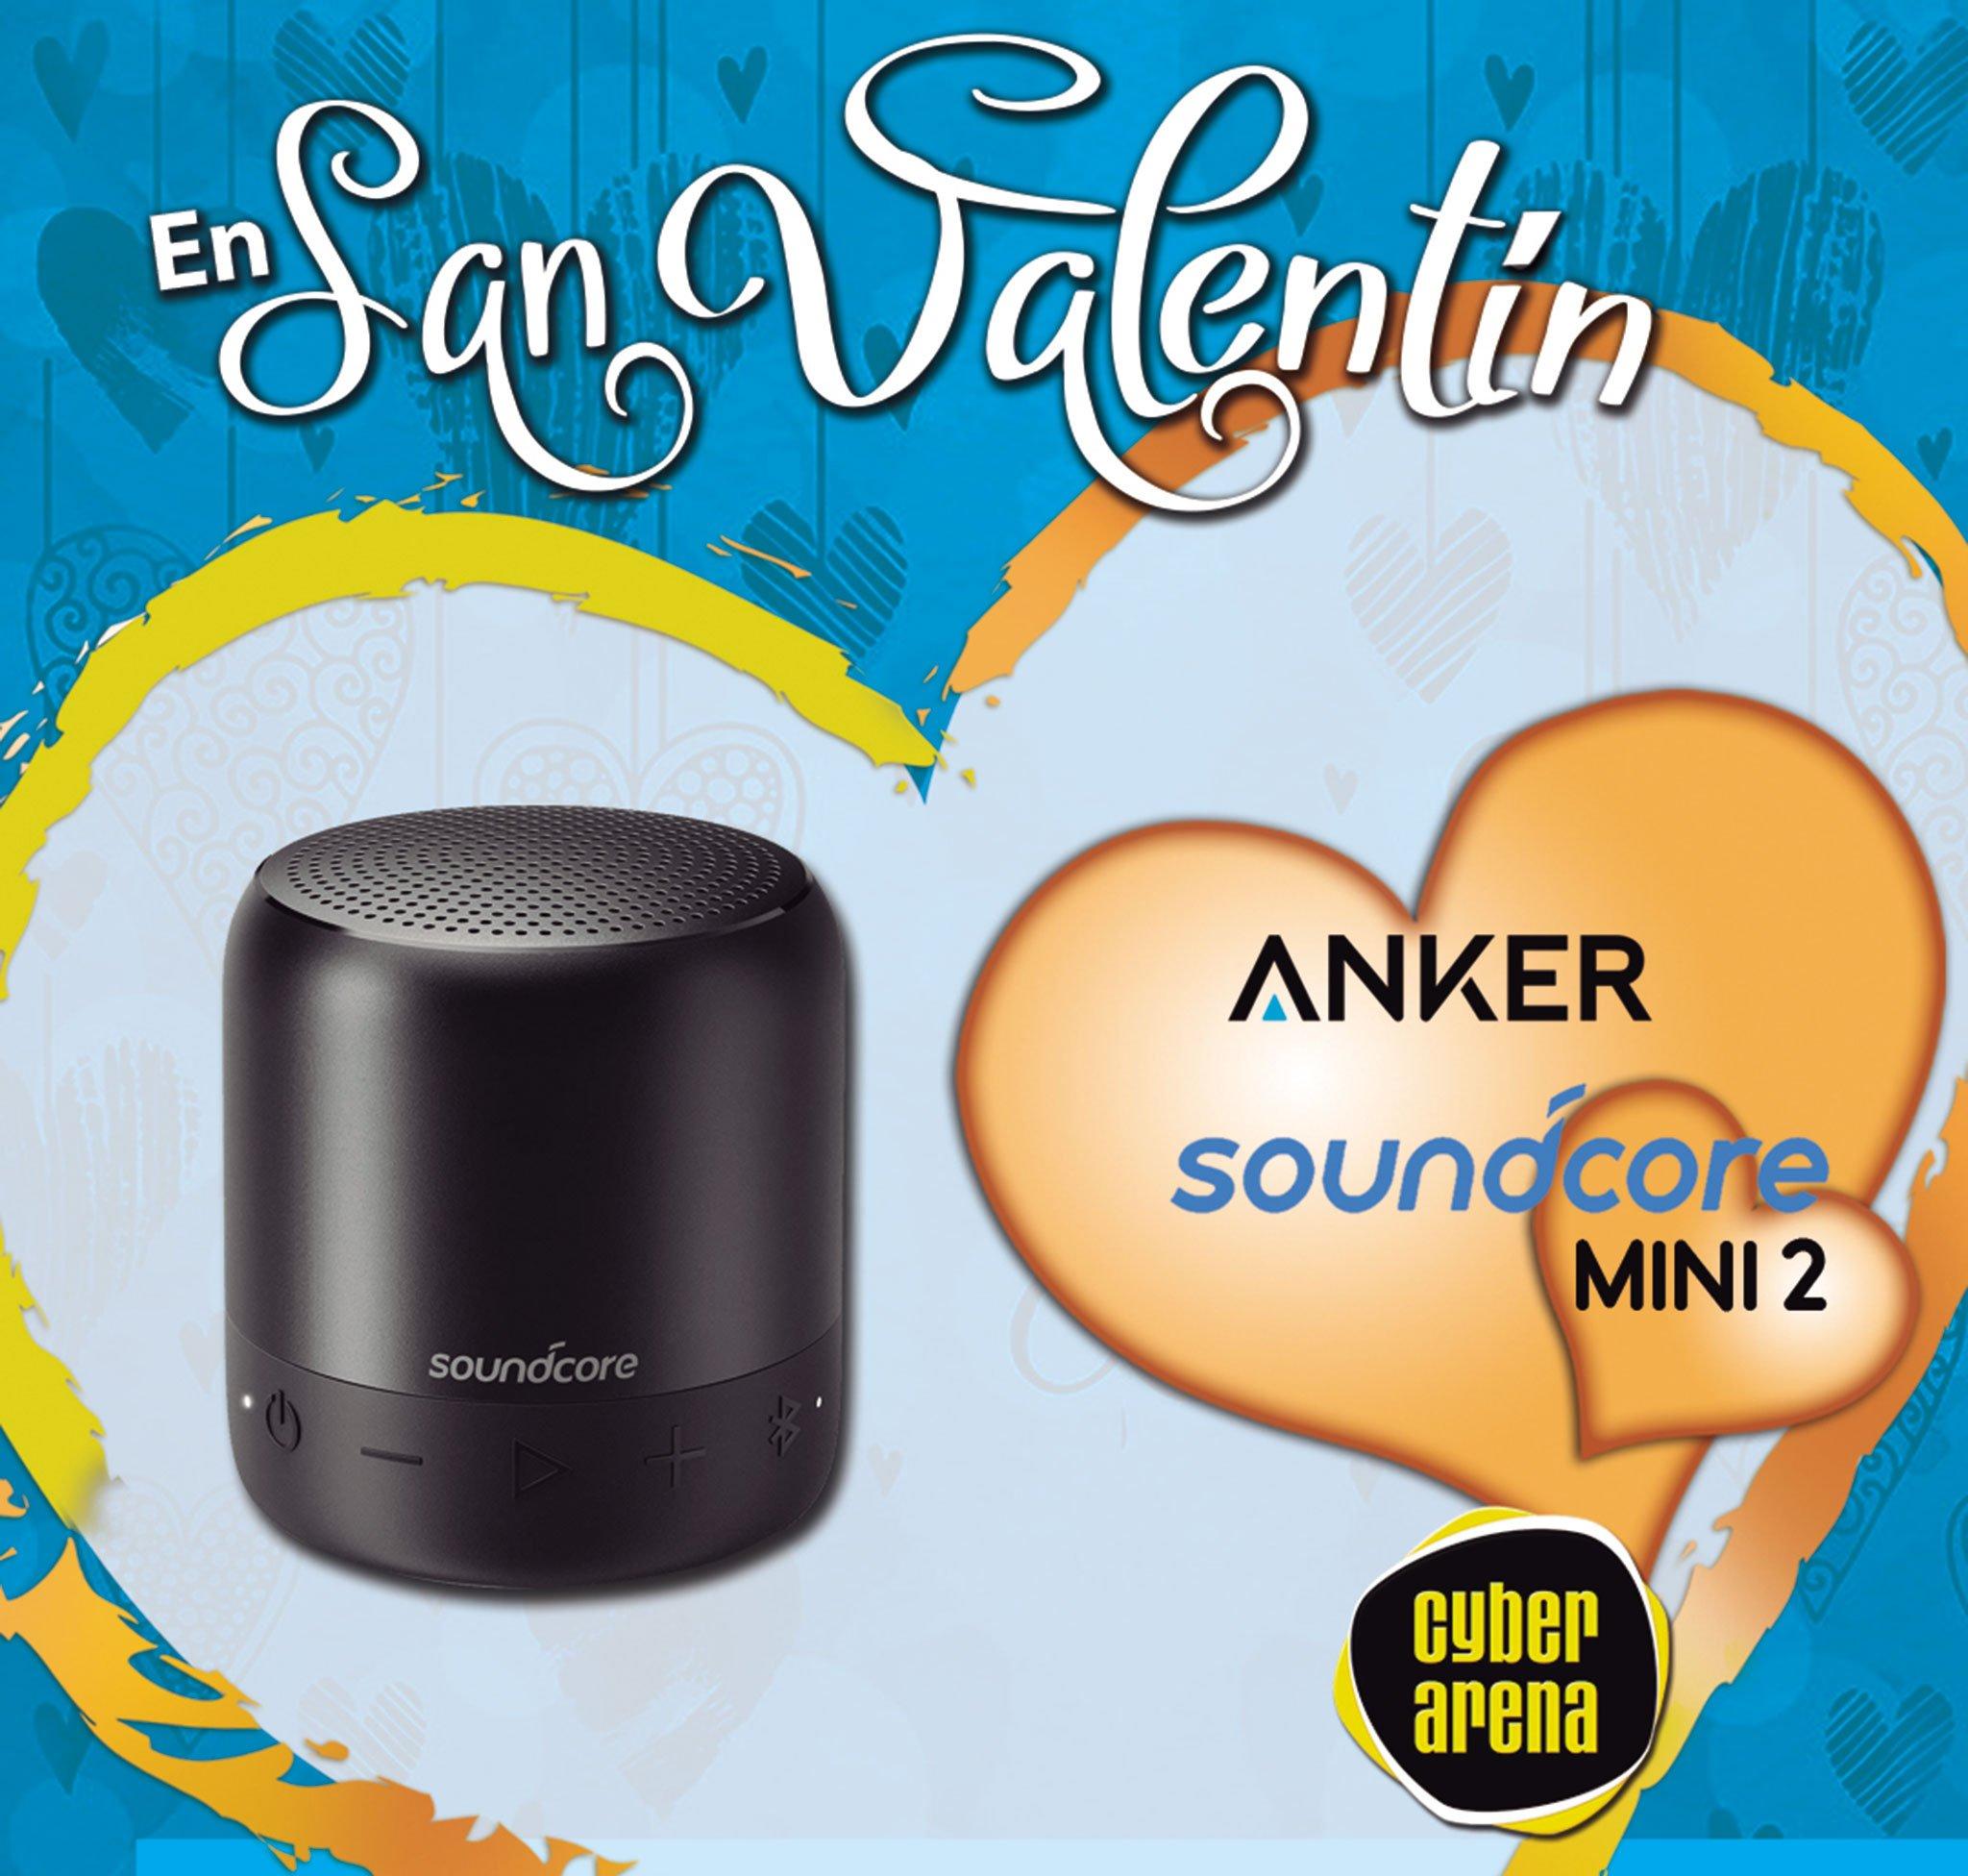 Altavoz Anker Soundcore Mini – Cyber Arena